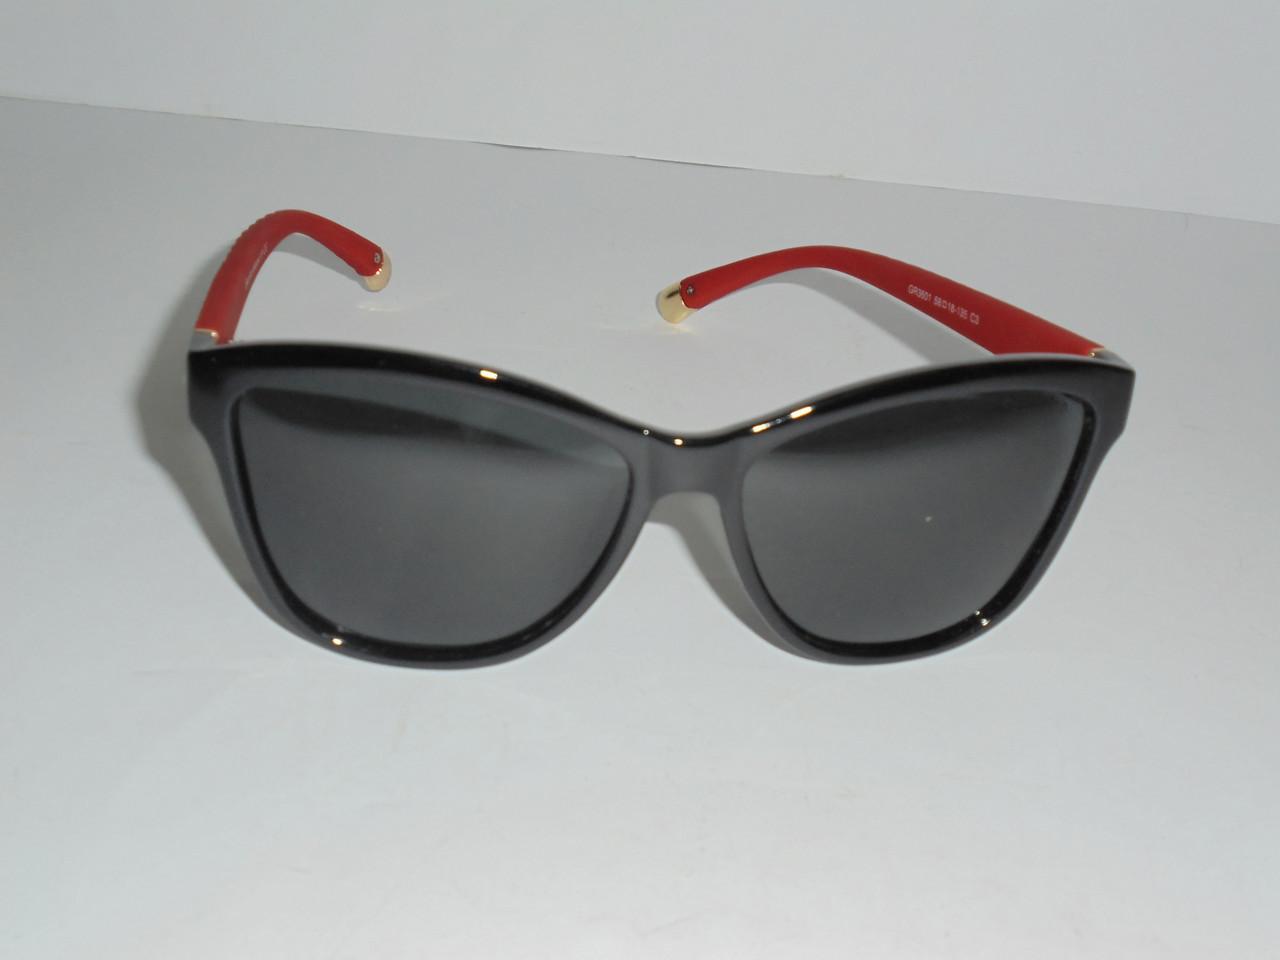 0c8643192d41 Солнцезащитные очки Polarized Wayfarer 6827, очки фэйфэреры, модный  аксессуар, очки, женские очки